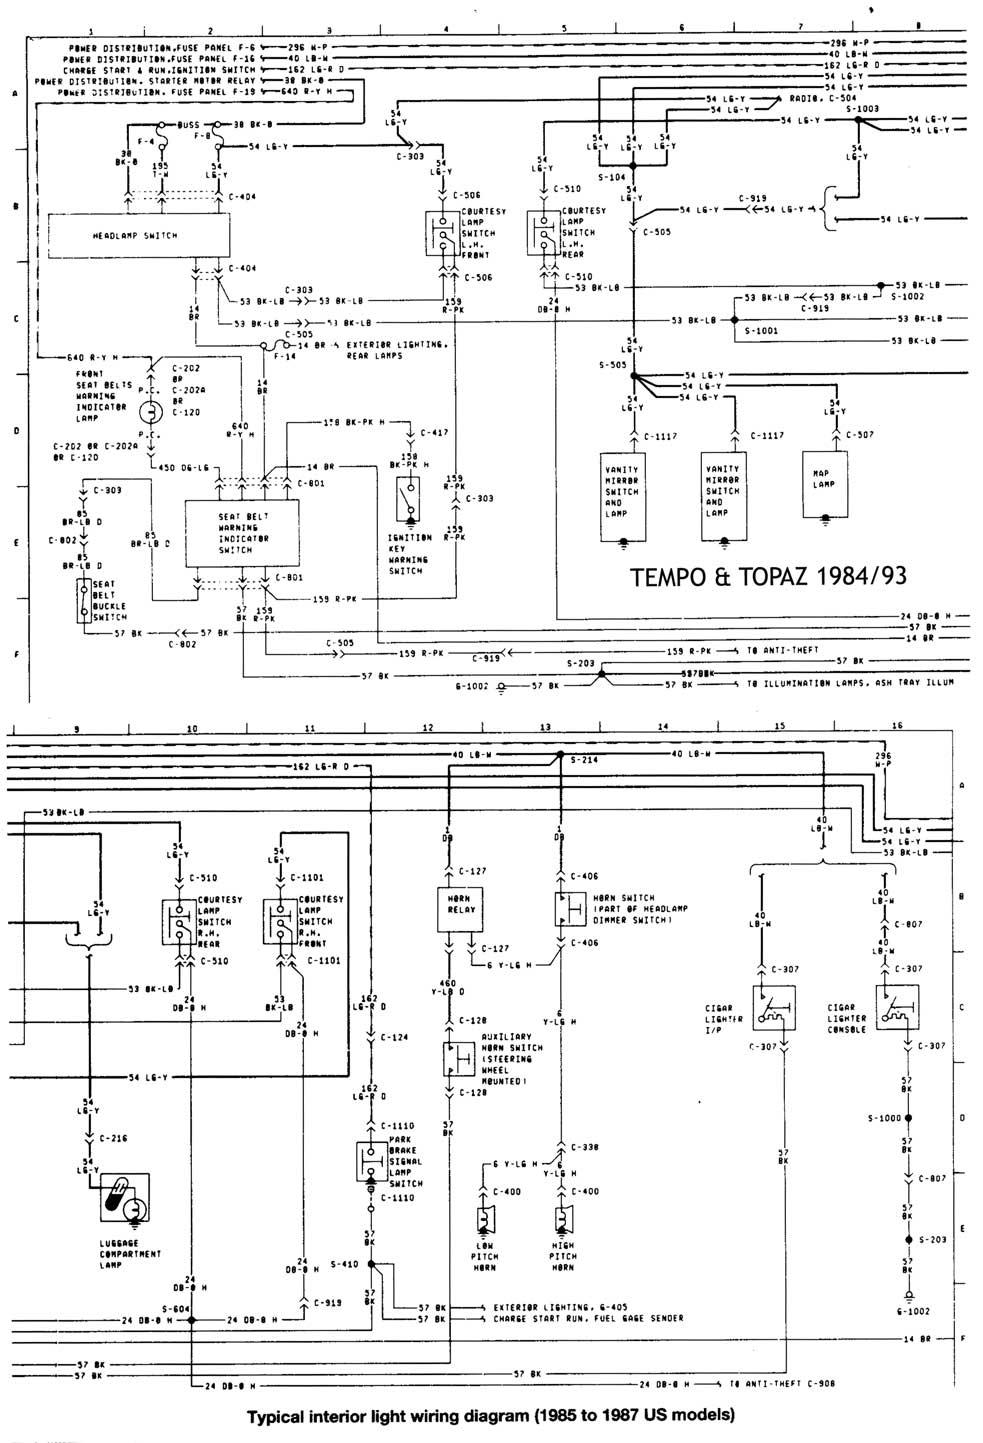 Ford Tempo Mercury Topaz 1984 93 Diagramas Esquemas